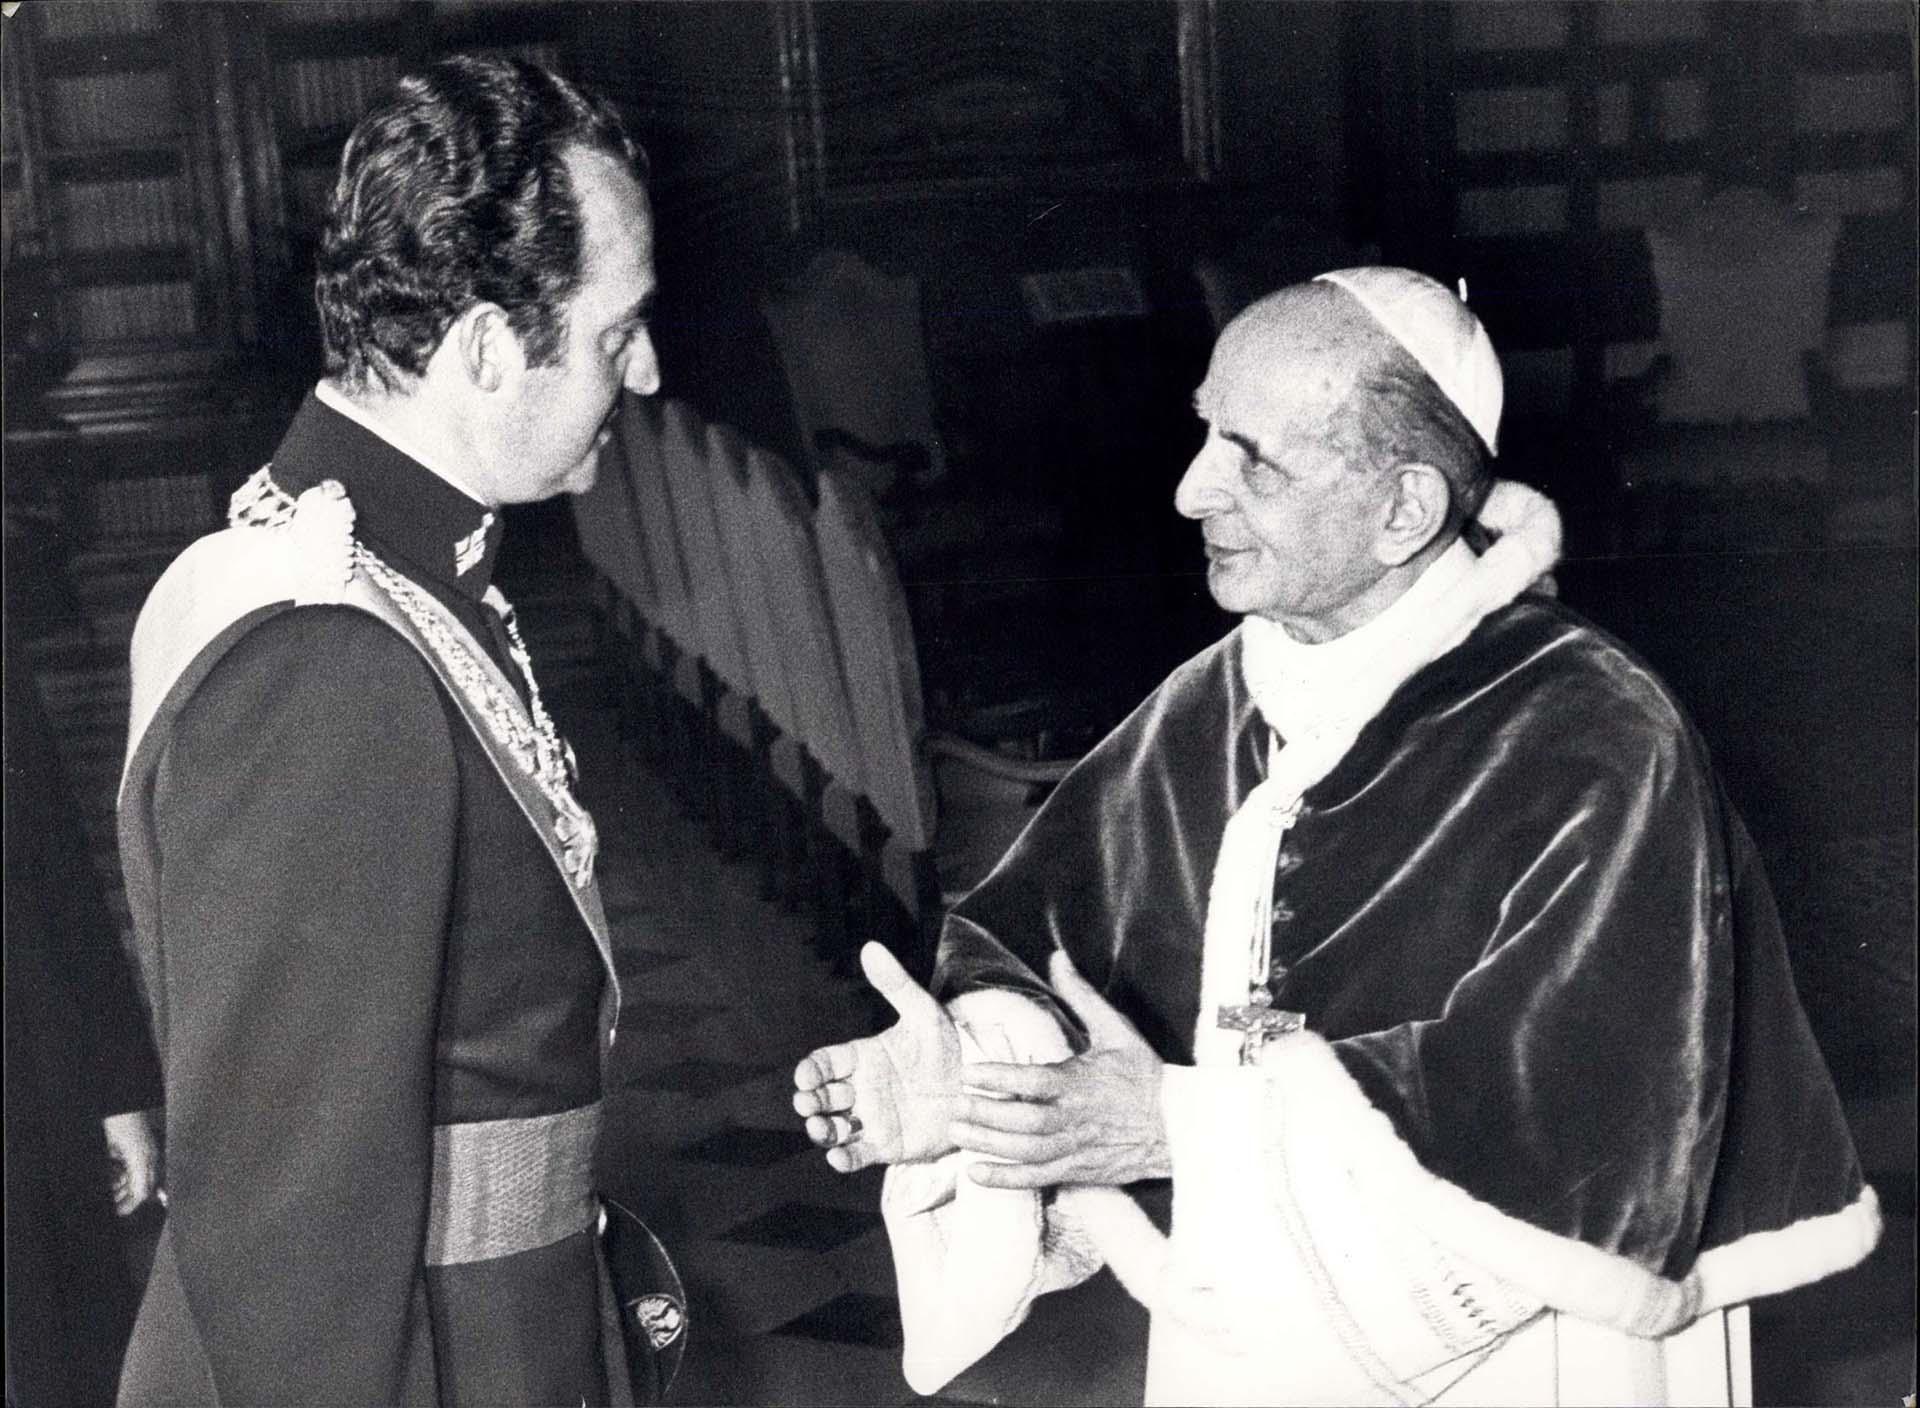 El rey Juan Carlos con el papa Pablo VI en 1977 (Shutterstock)